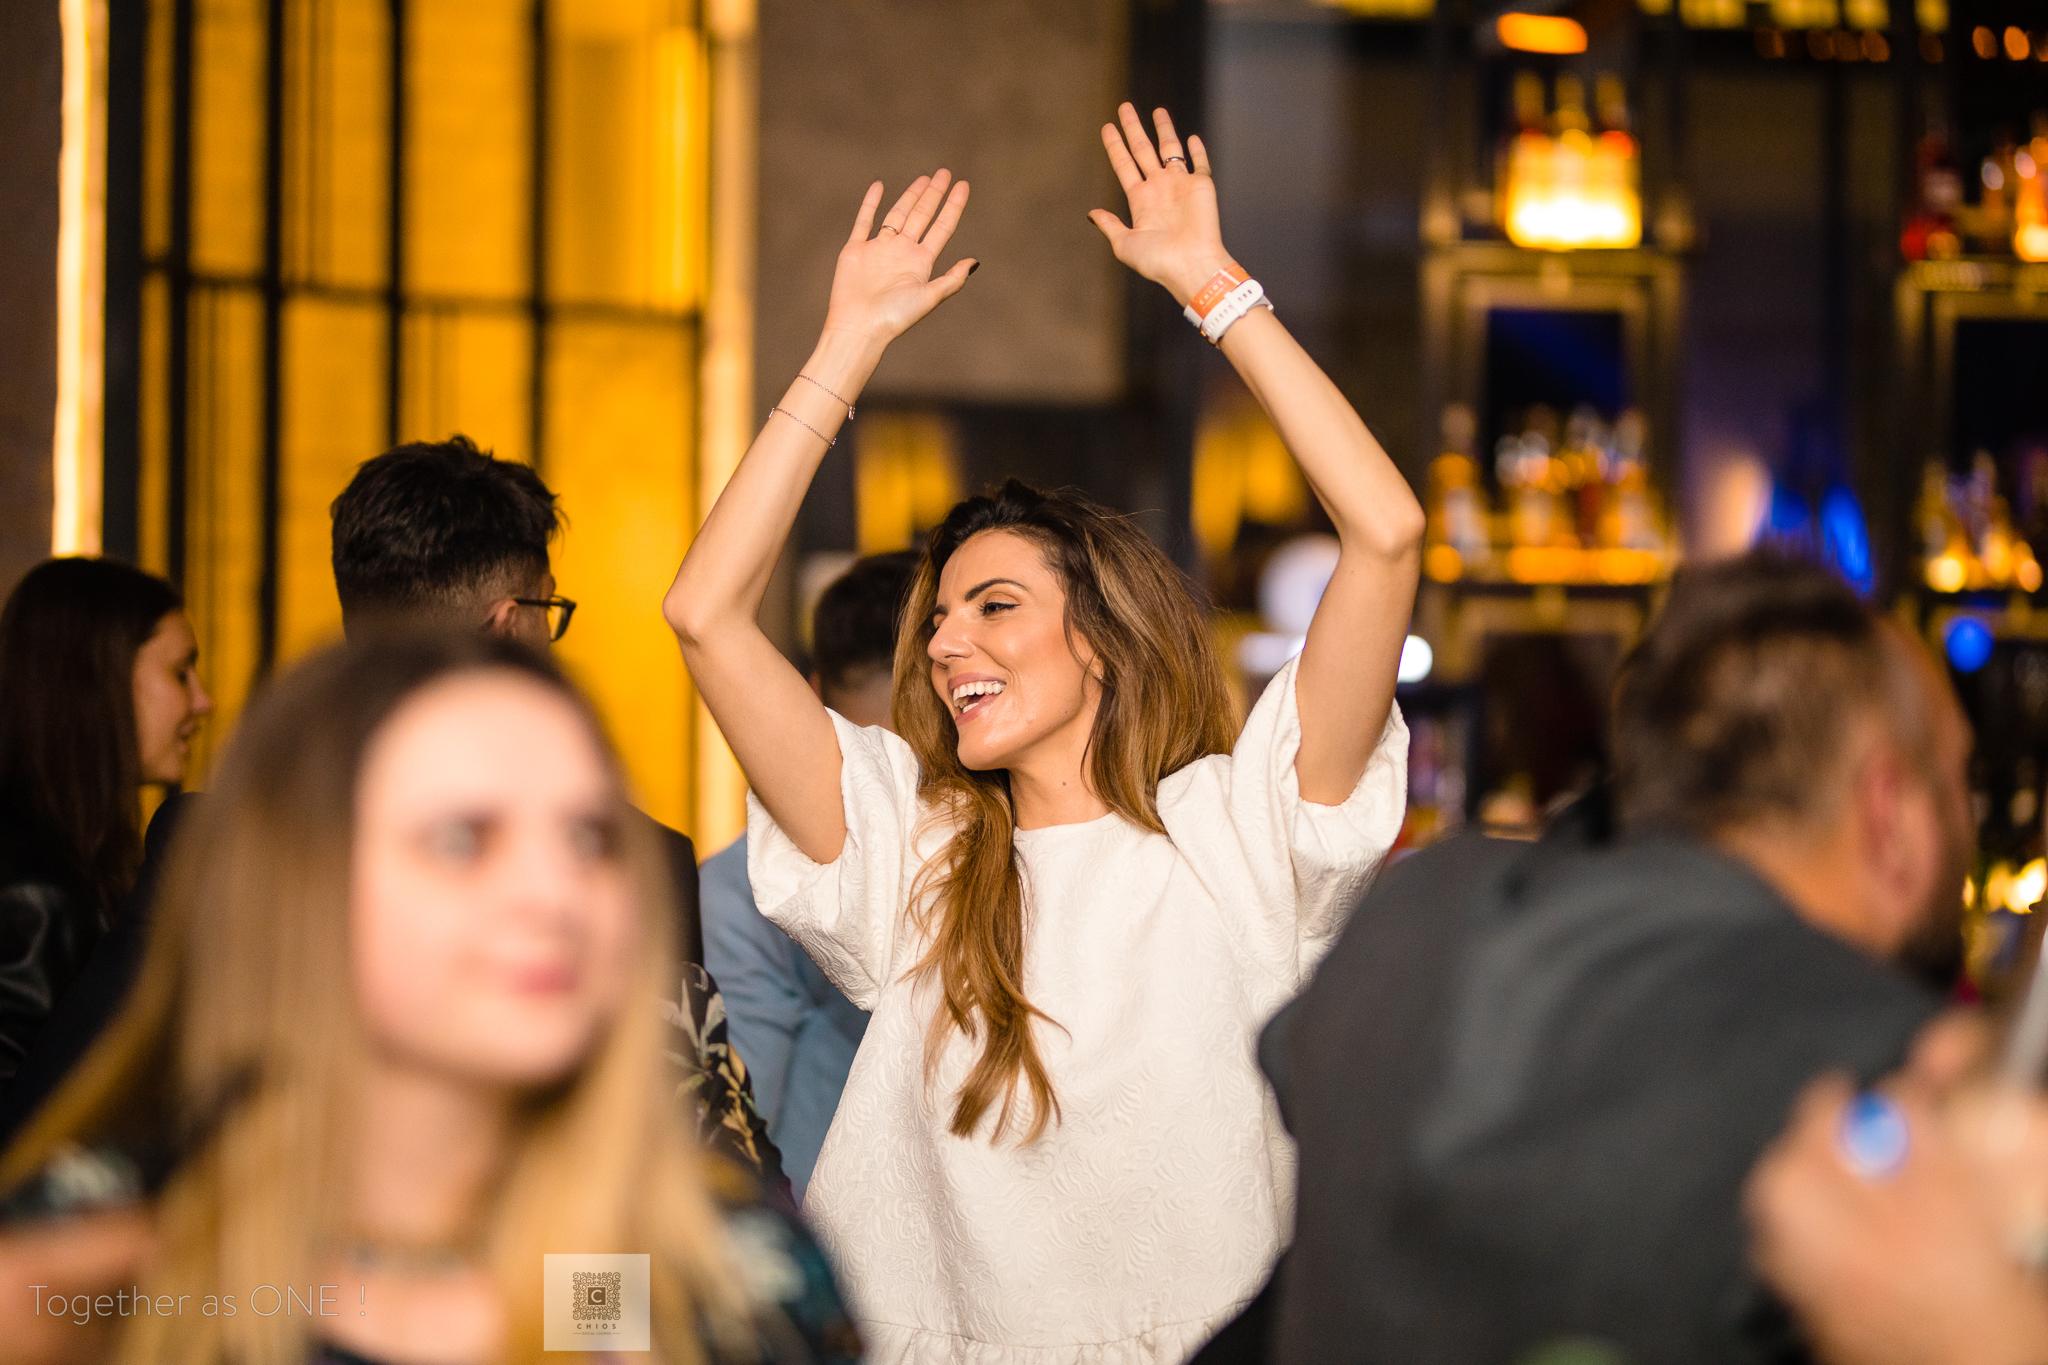 RETRO Night Fever, 5 Iunie '21 @ CHIOS Social Lounge